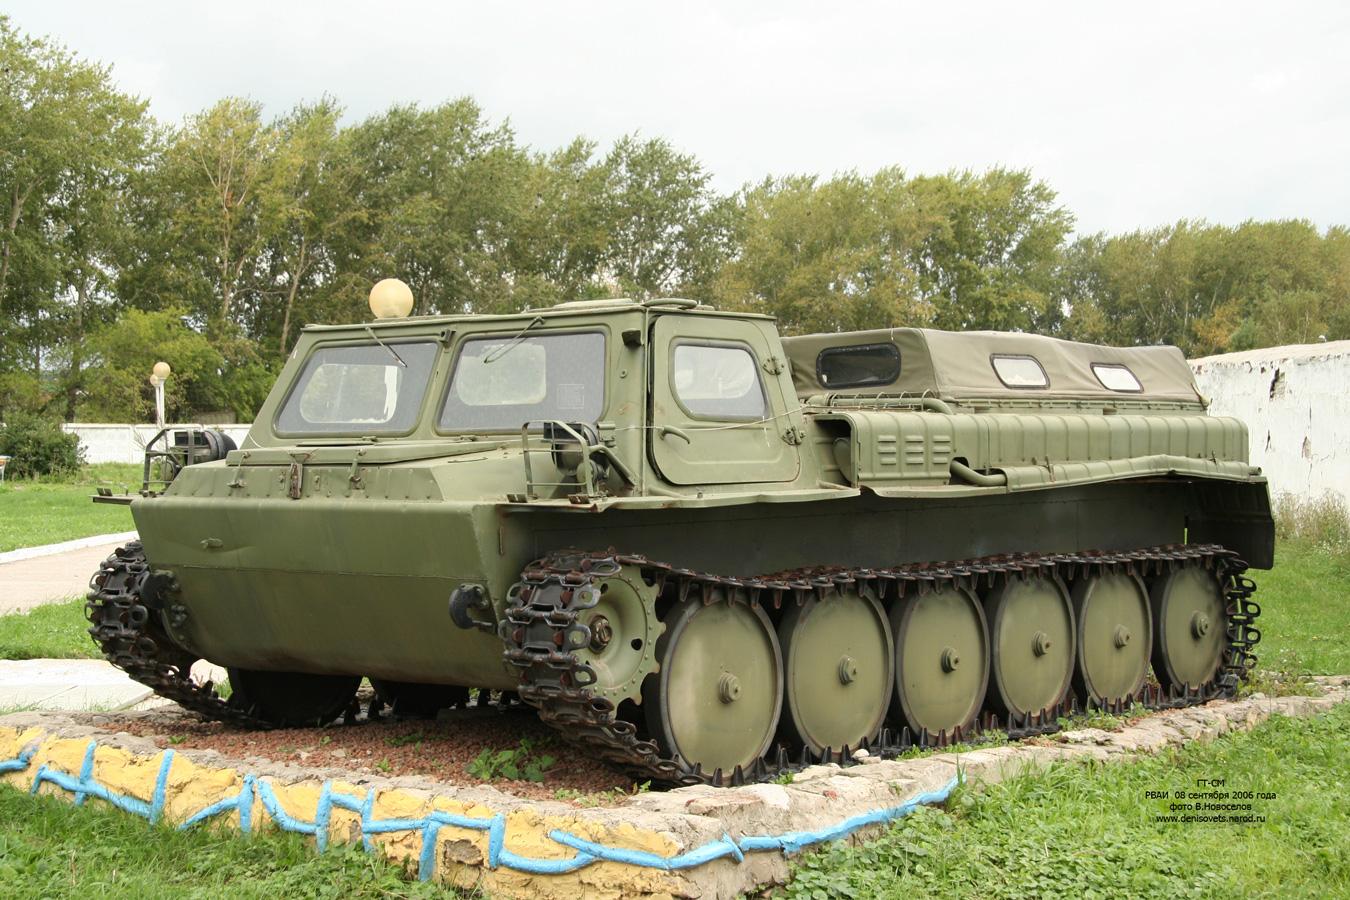 Внешний вид ГАЗ-71